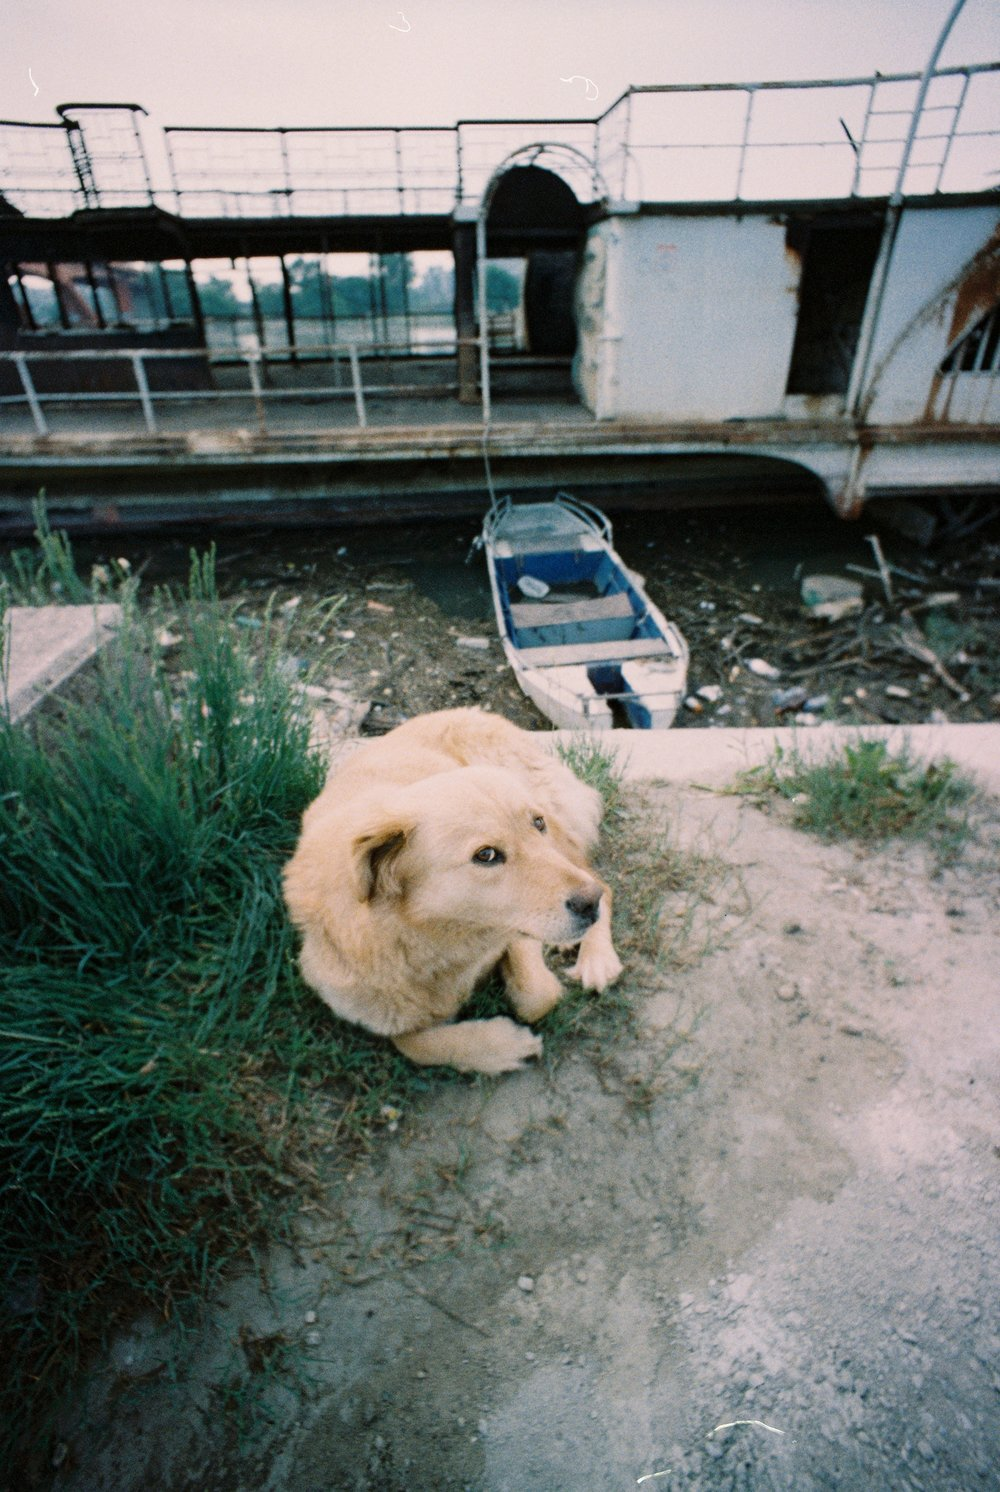 Stray Dog at Abandoned Boat - Summer, 2017